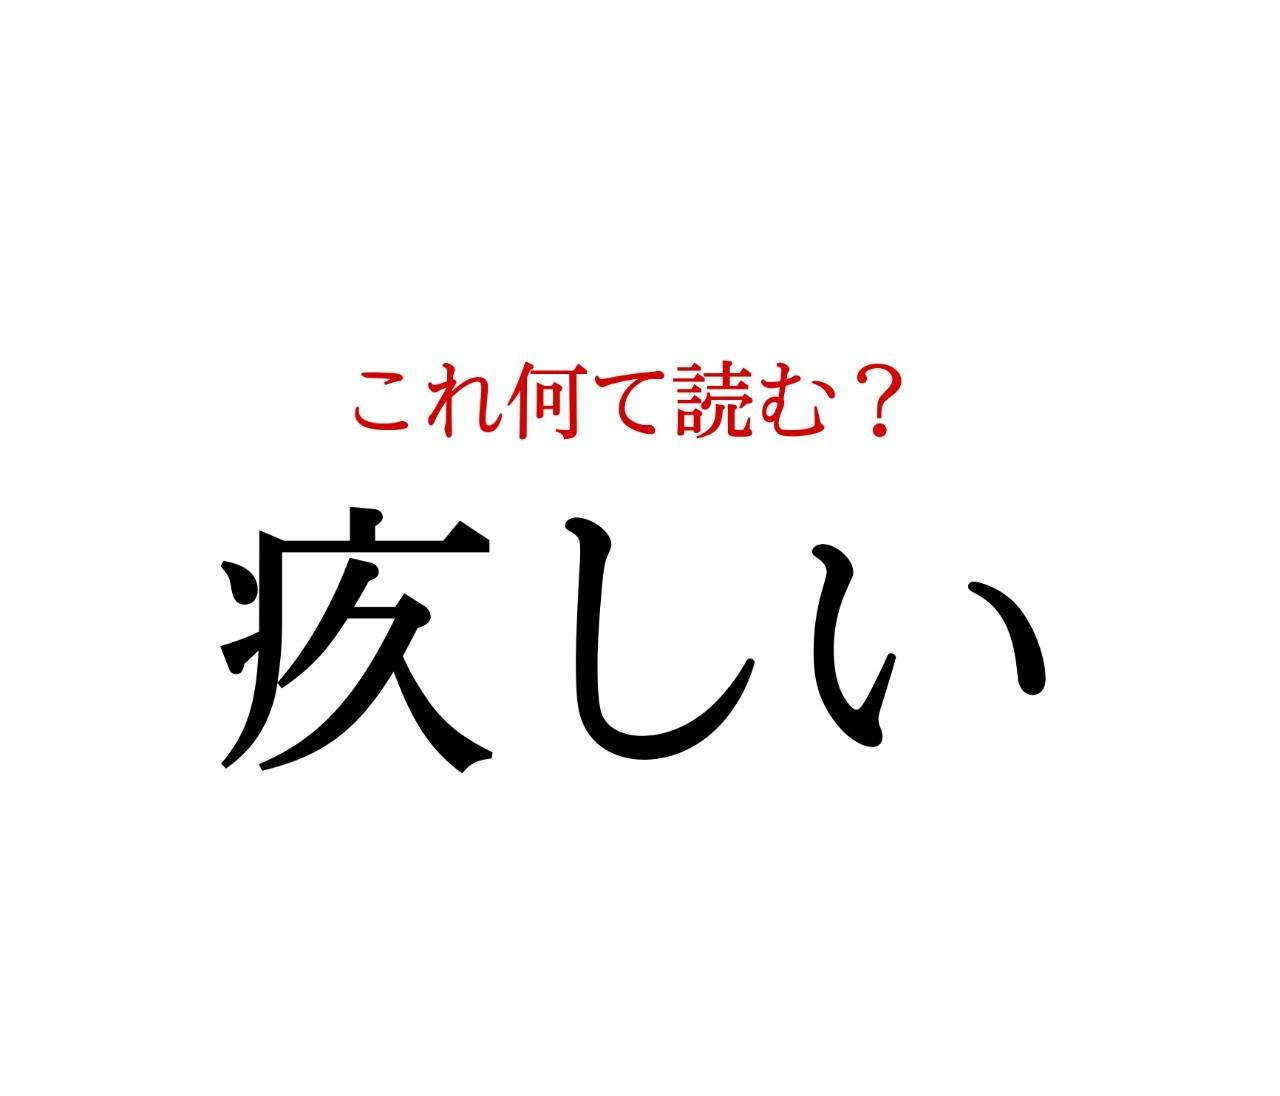 「疚しい」:この漢字、自信を持って読めますか?【働く大人の漢字クイズvol.195】